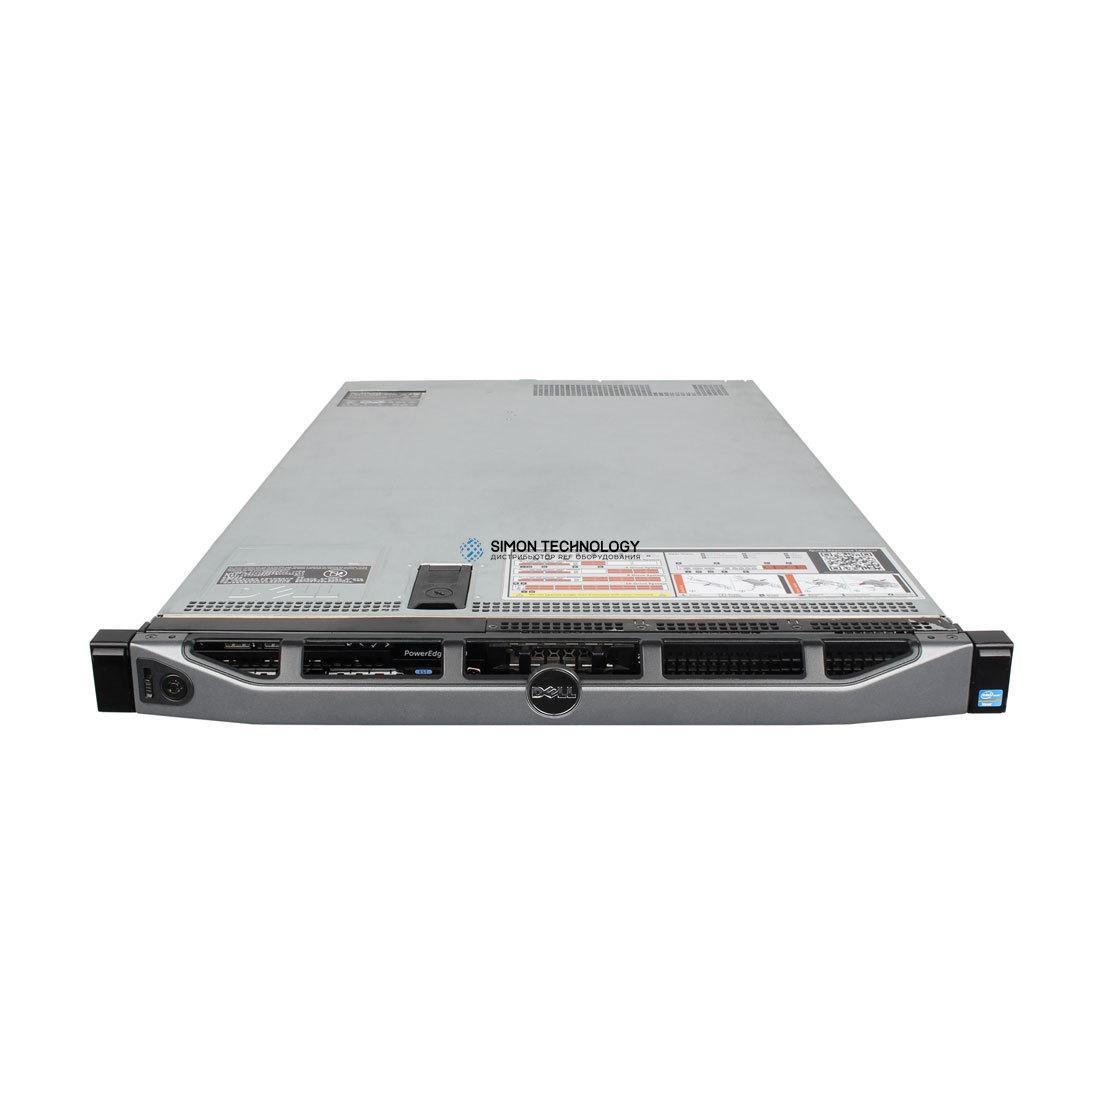 Сервер Dell PER620 V2 CTO CHASSIS PERC S110 4*SFF DVD (PER620V2 4SFF)